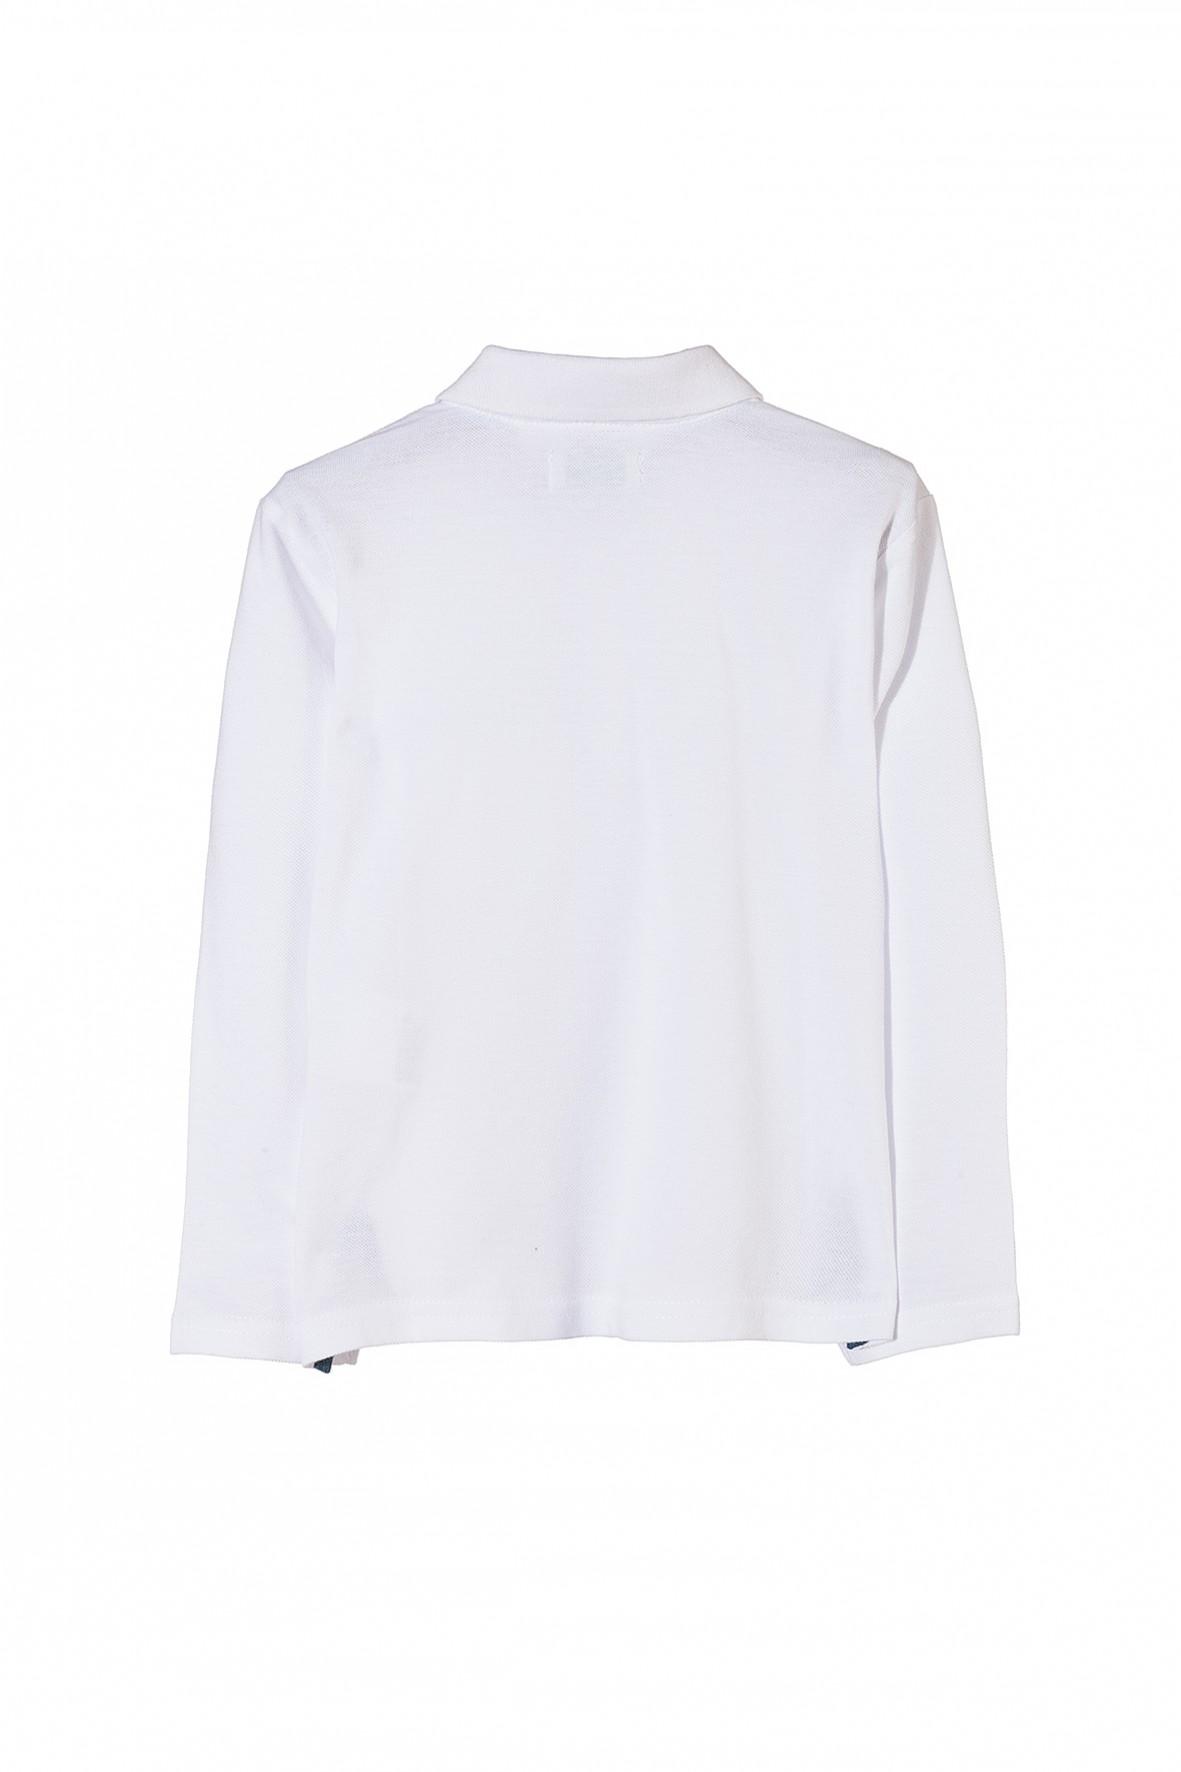 slaczego czarna bluza faebuje na brązowo biale bluzki